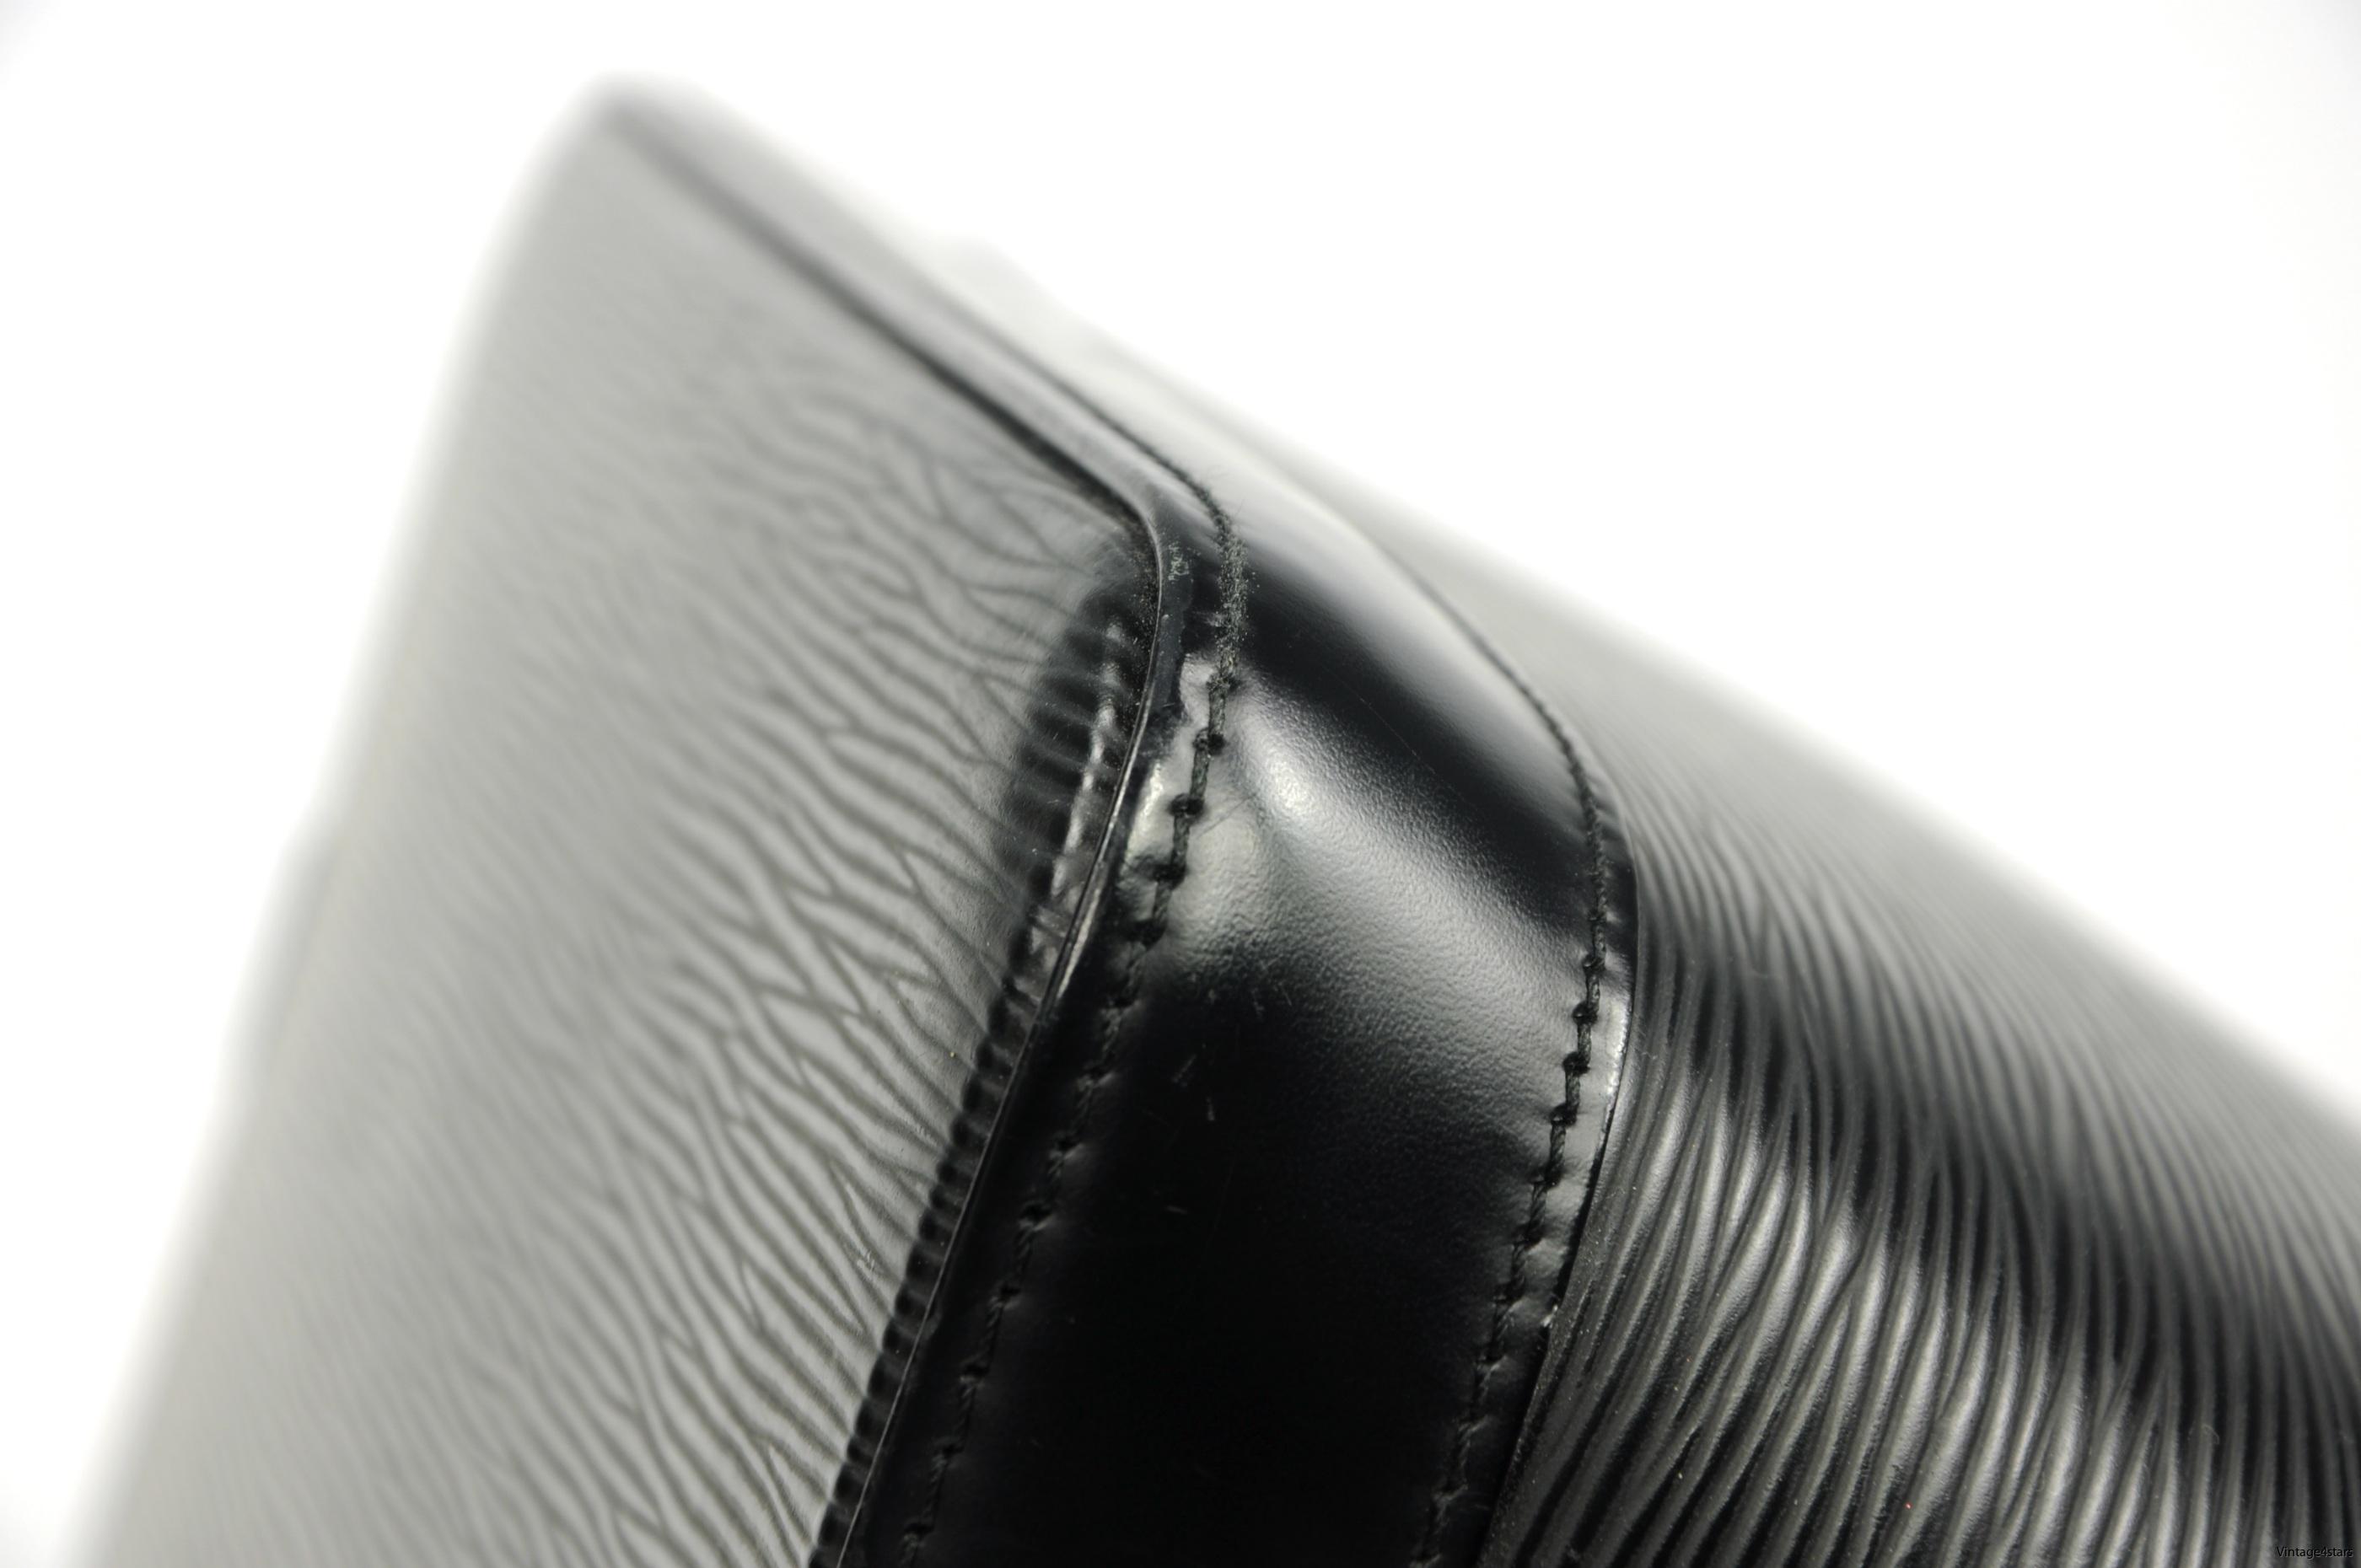 Louis Vuitton Alma PM SHW 13